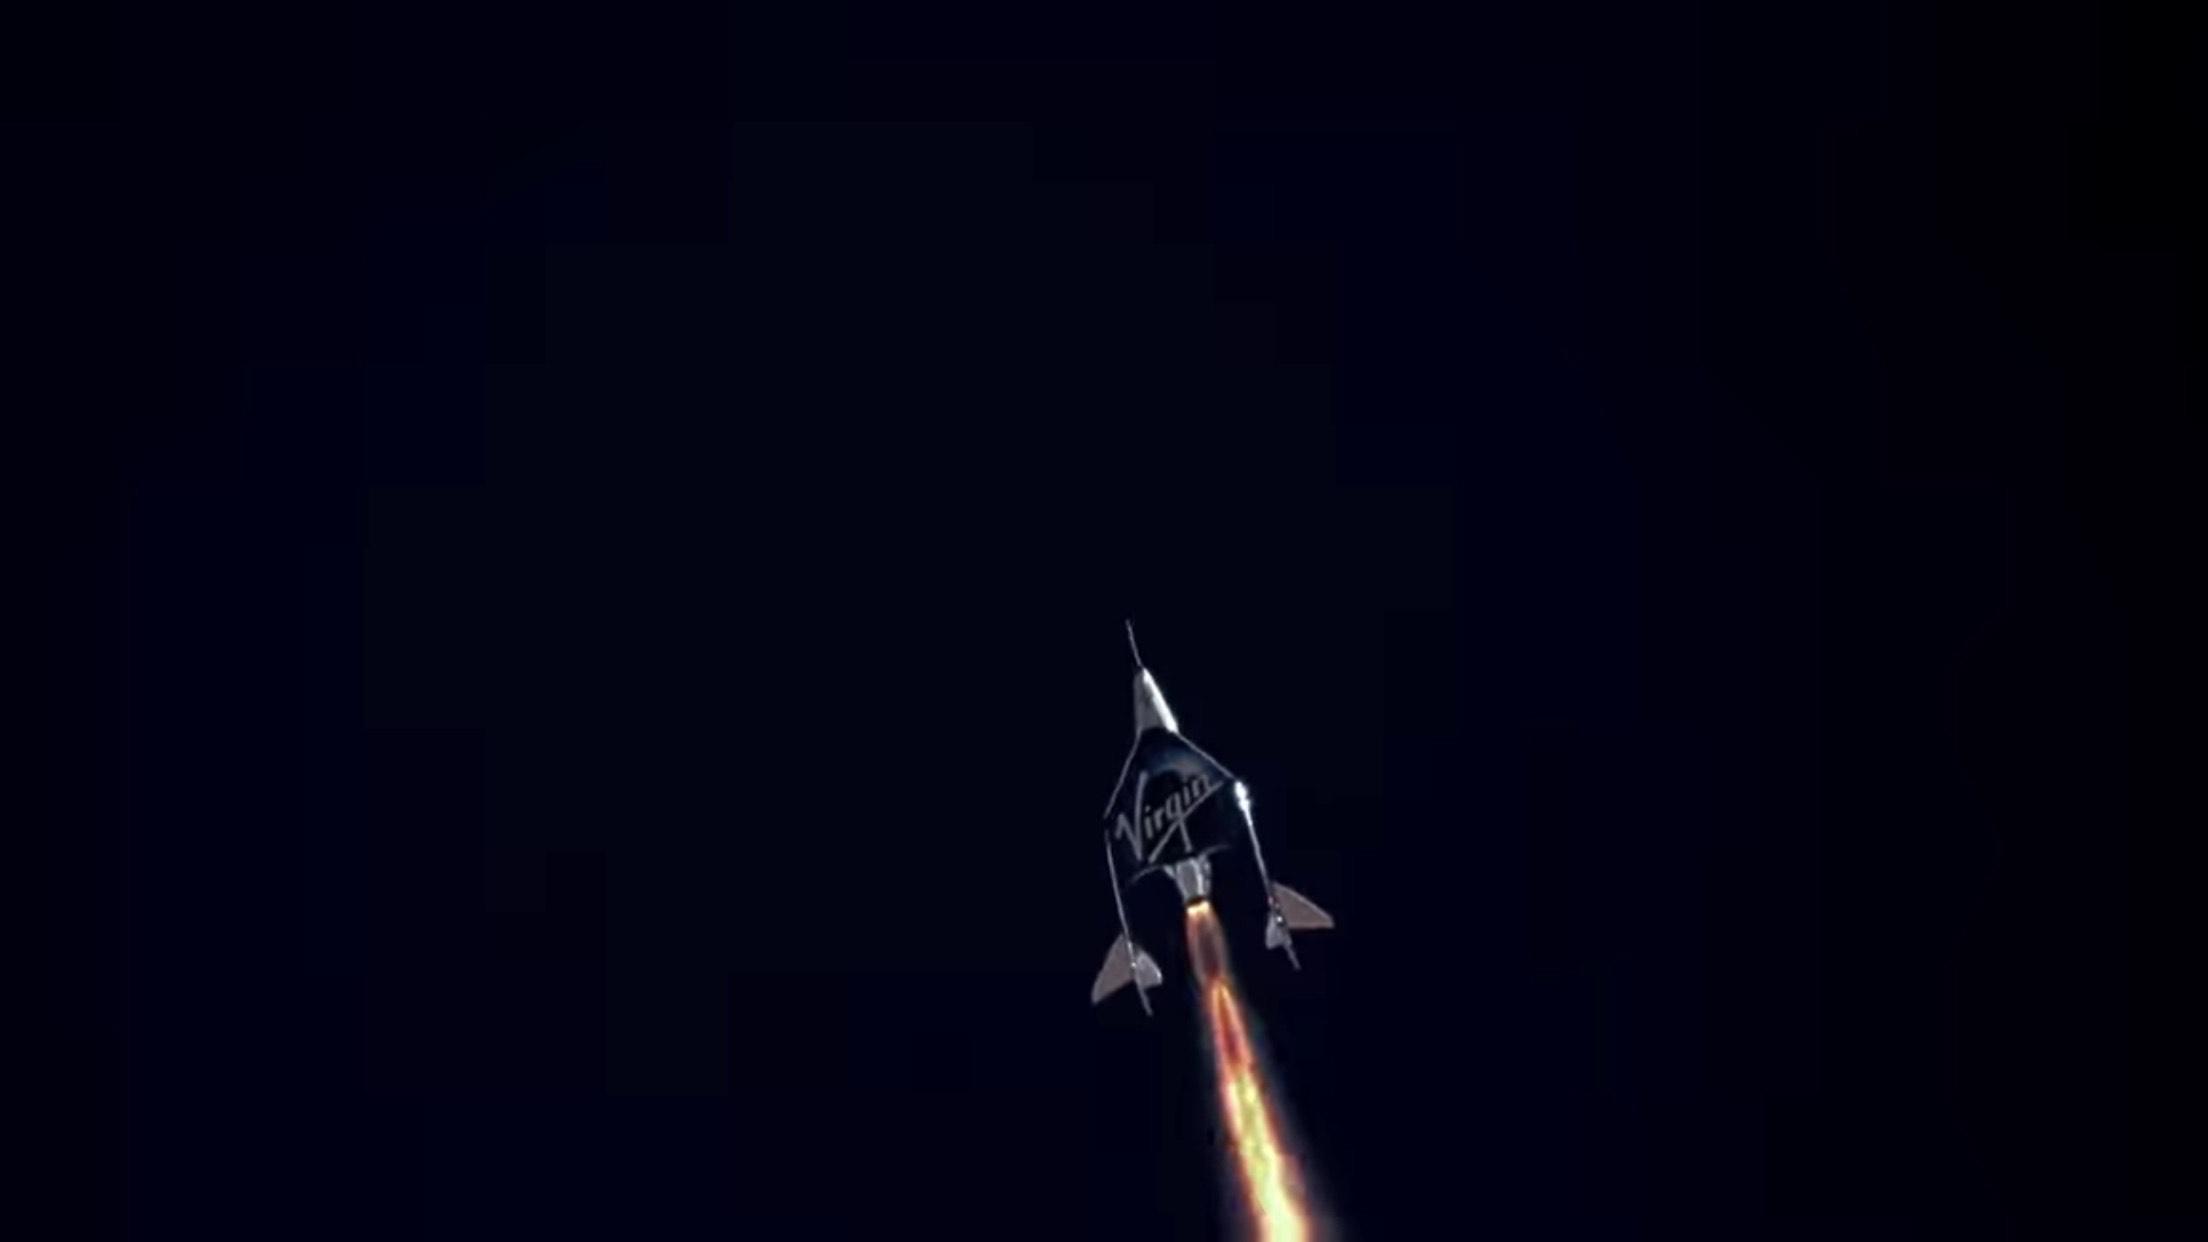 nave viajes al espacio